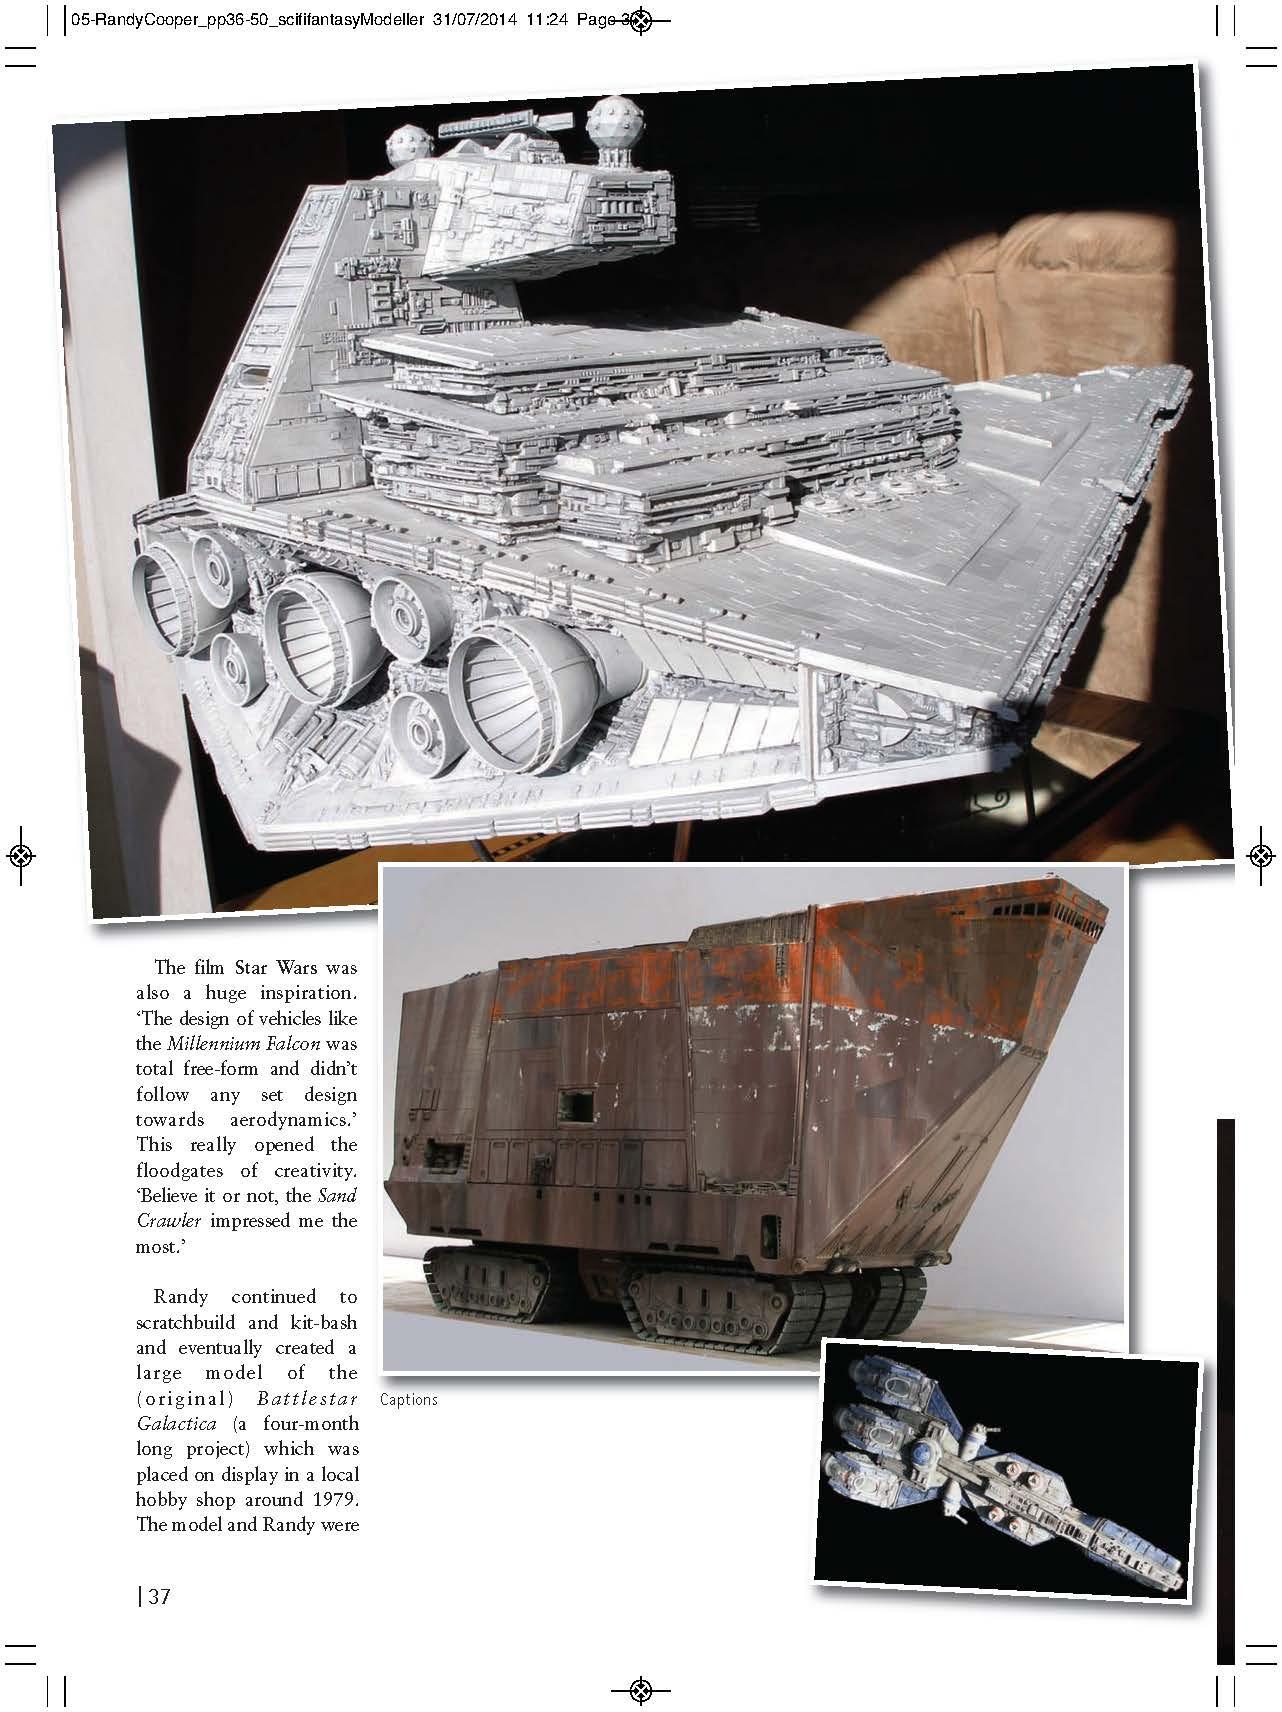 scififantasyModeller 1_Page_02.jpg